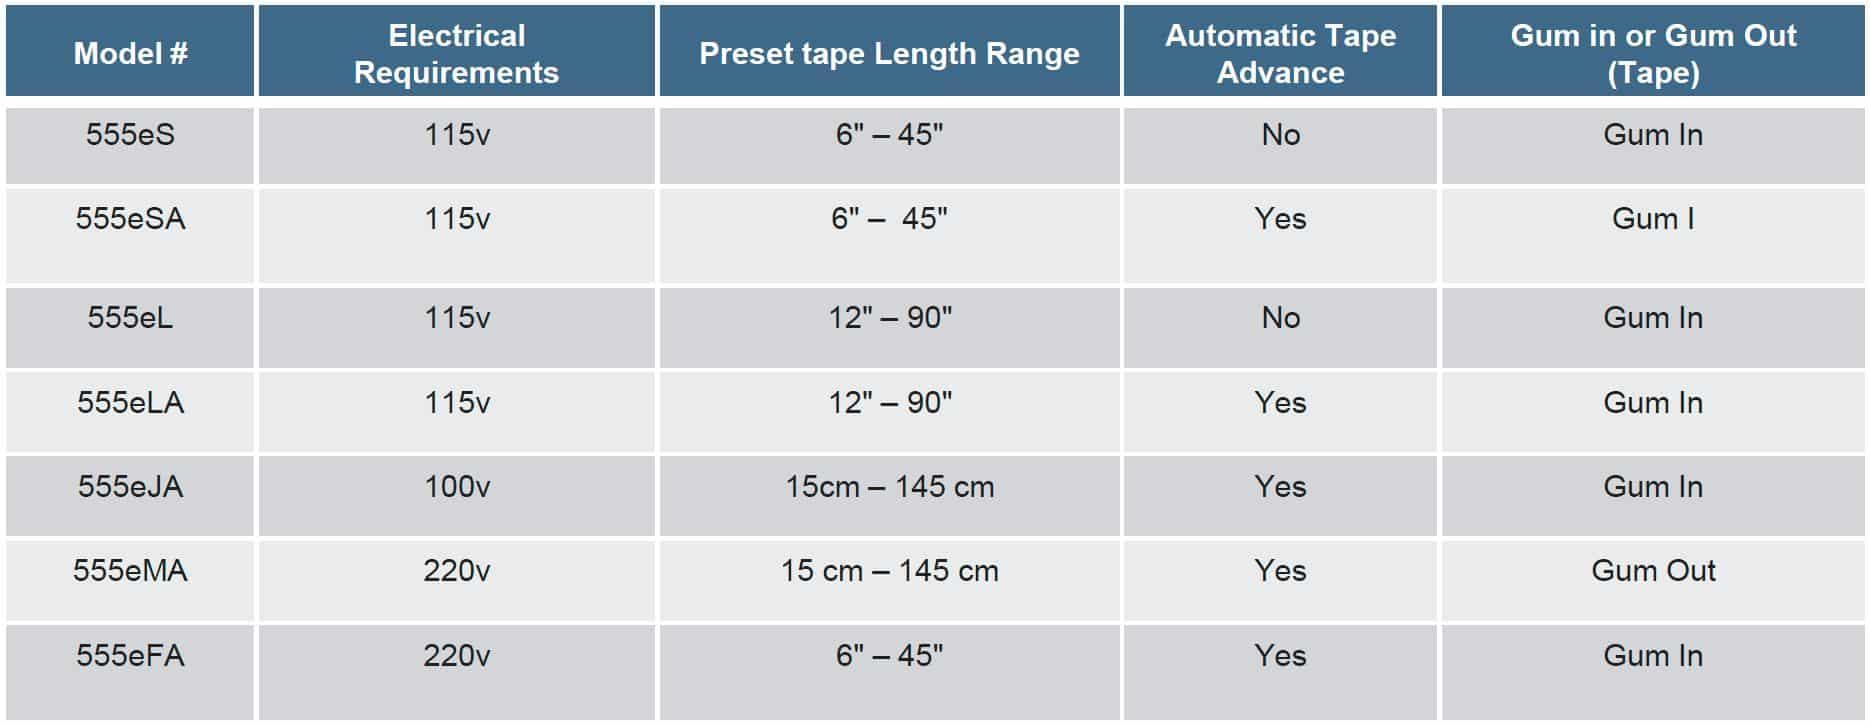 نماذج 555eS موزع الشريط التلقائي المنشط بالماء ، حزم أفضل ، موزع الشريط ، موزع نشط بالماء ، سلسلة 555 ، Itape ، موزع ، آلة التنصت ، Al Thika Packaging ، موزع الشريط